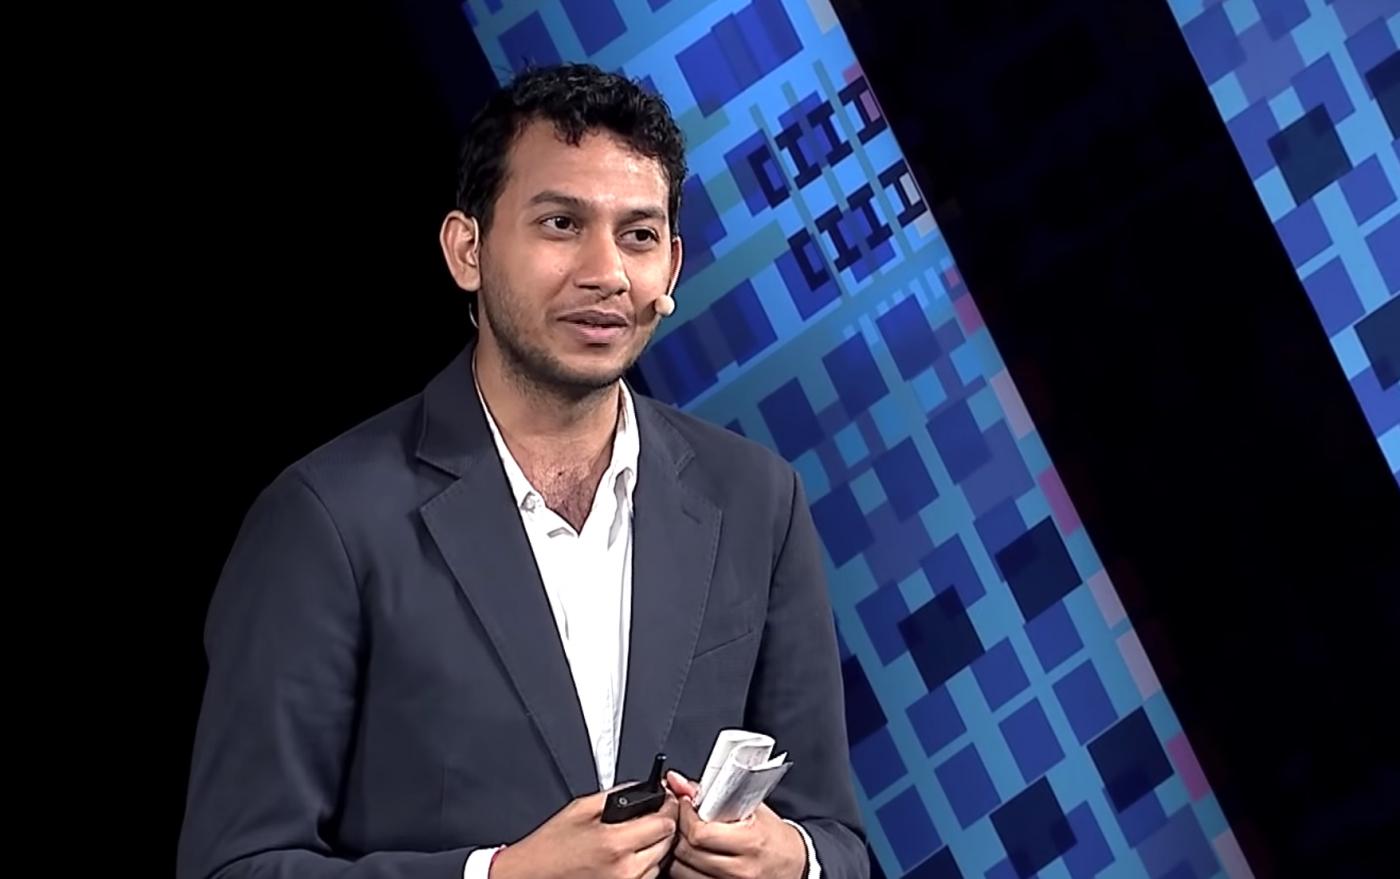 獲矽谷投資天才青睞,19歲輟學生打造「印度Airbnb」讓劣質住宿大翻身